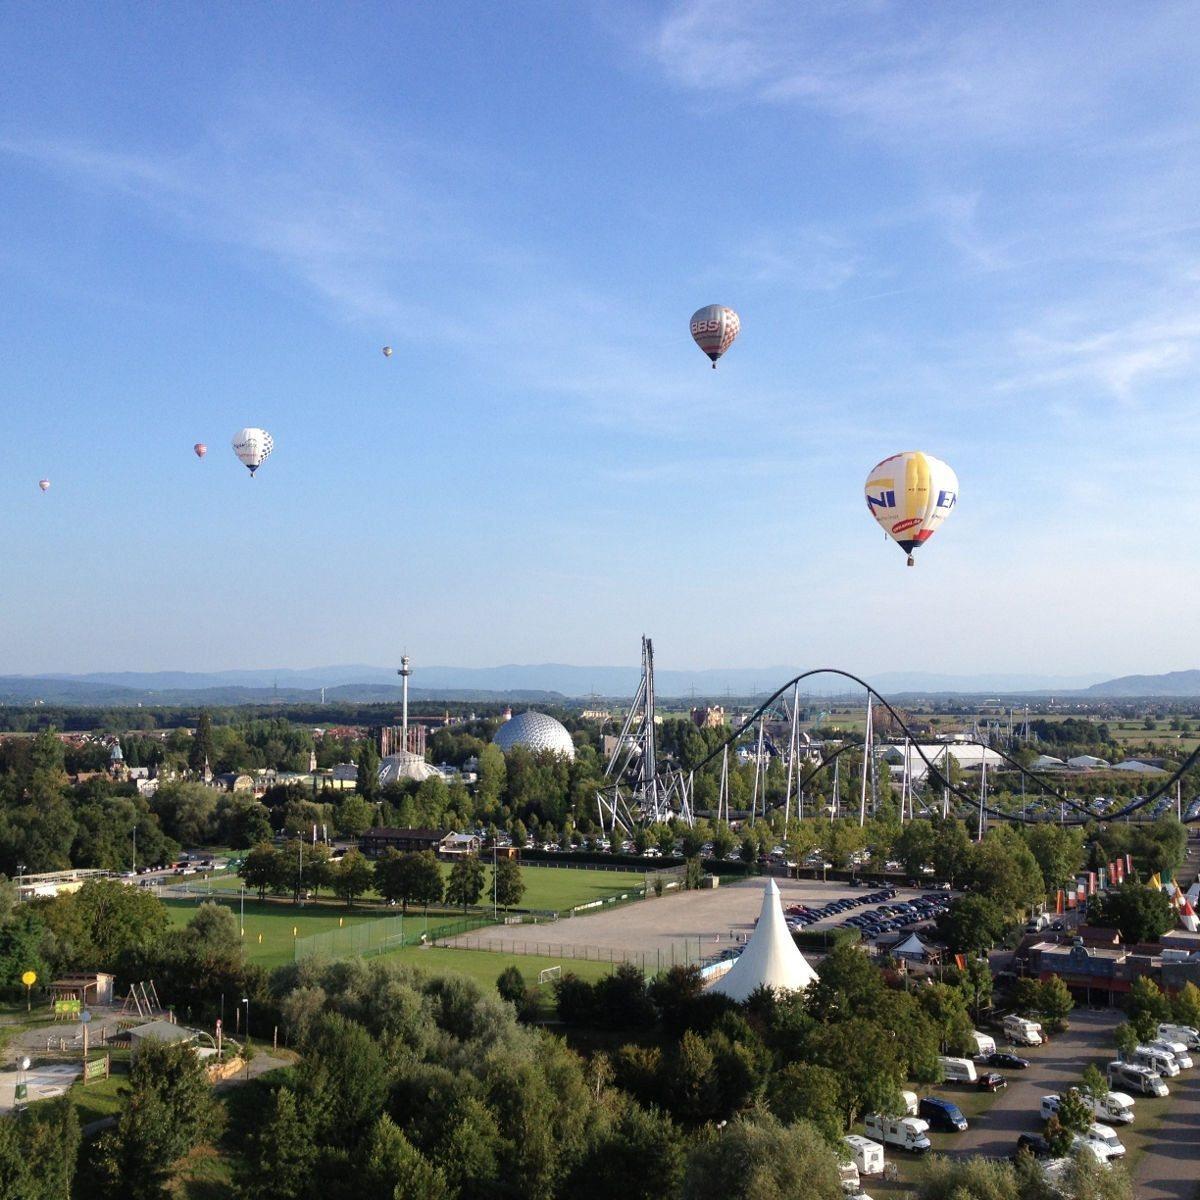 Ballonfahrt – Rust (Europapark)